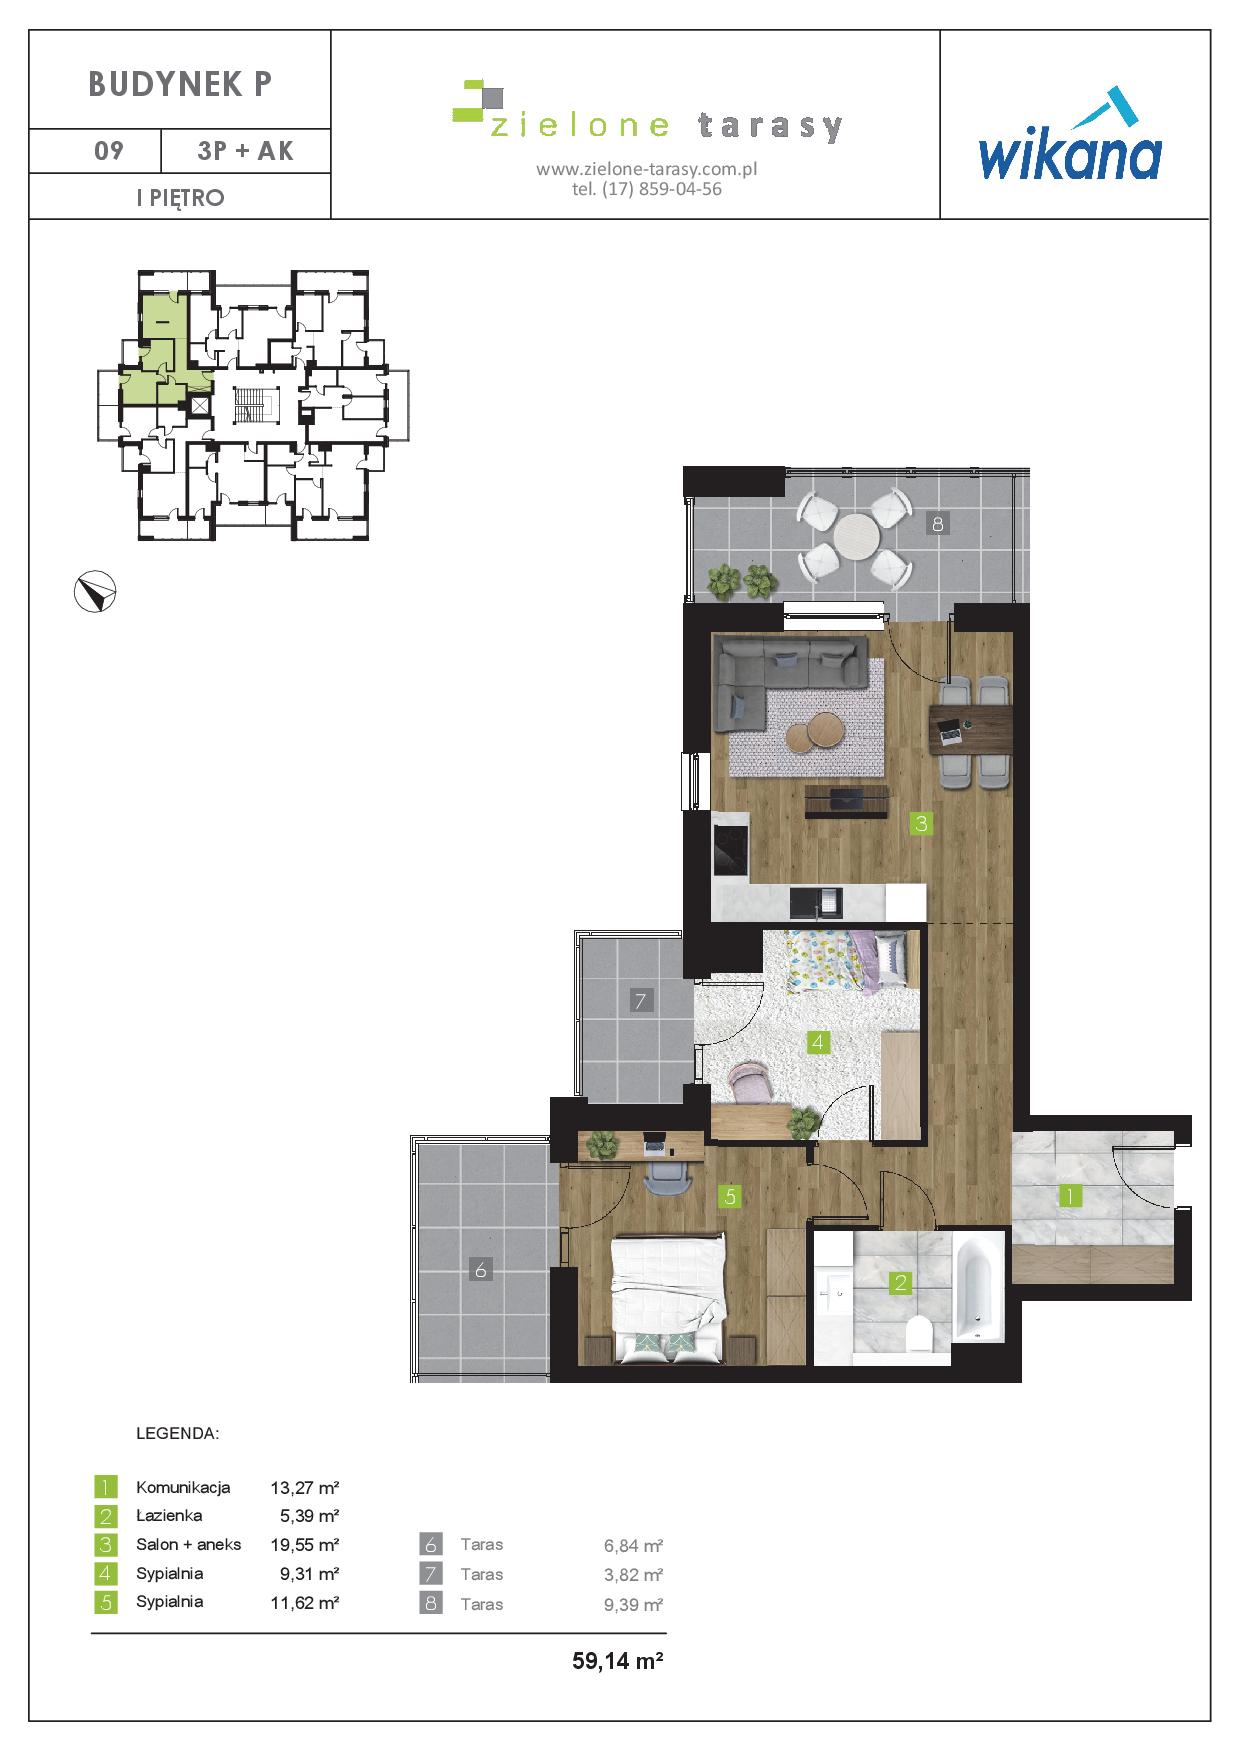 sprzedaż mieszkań rzeszów - P-09